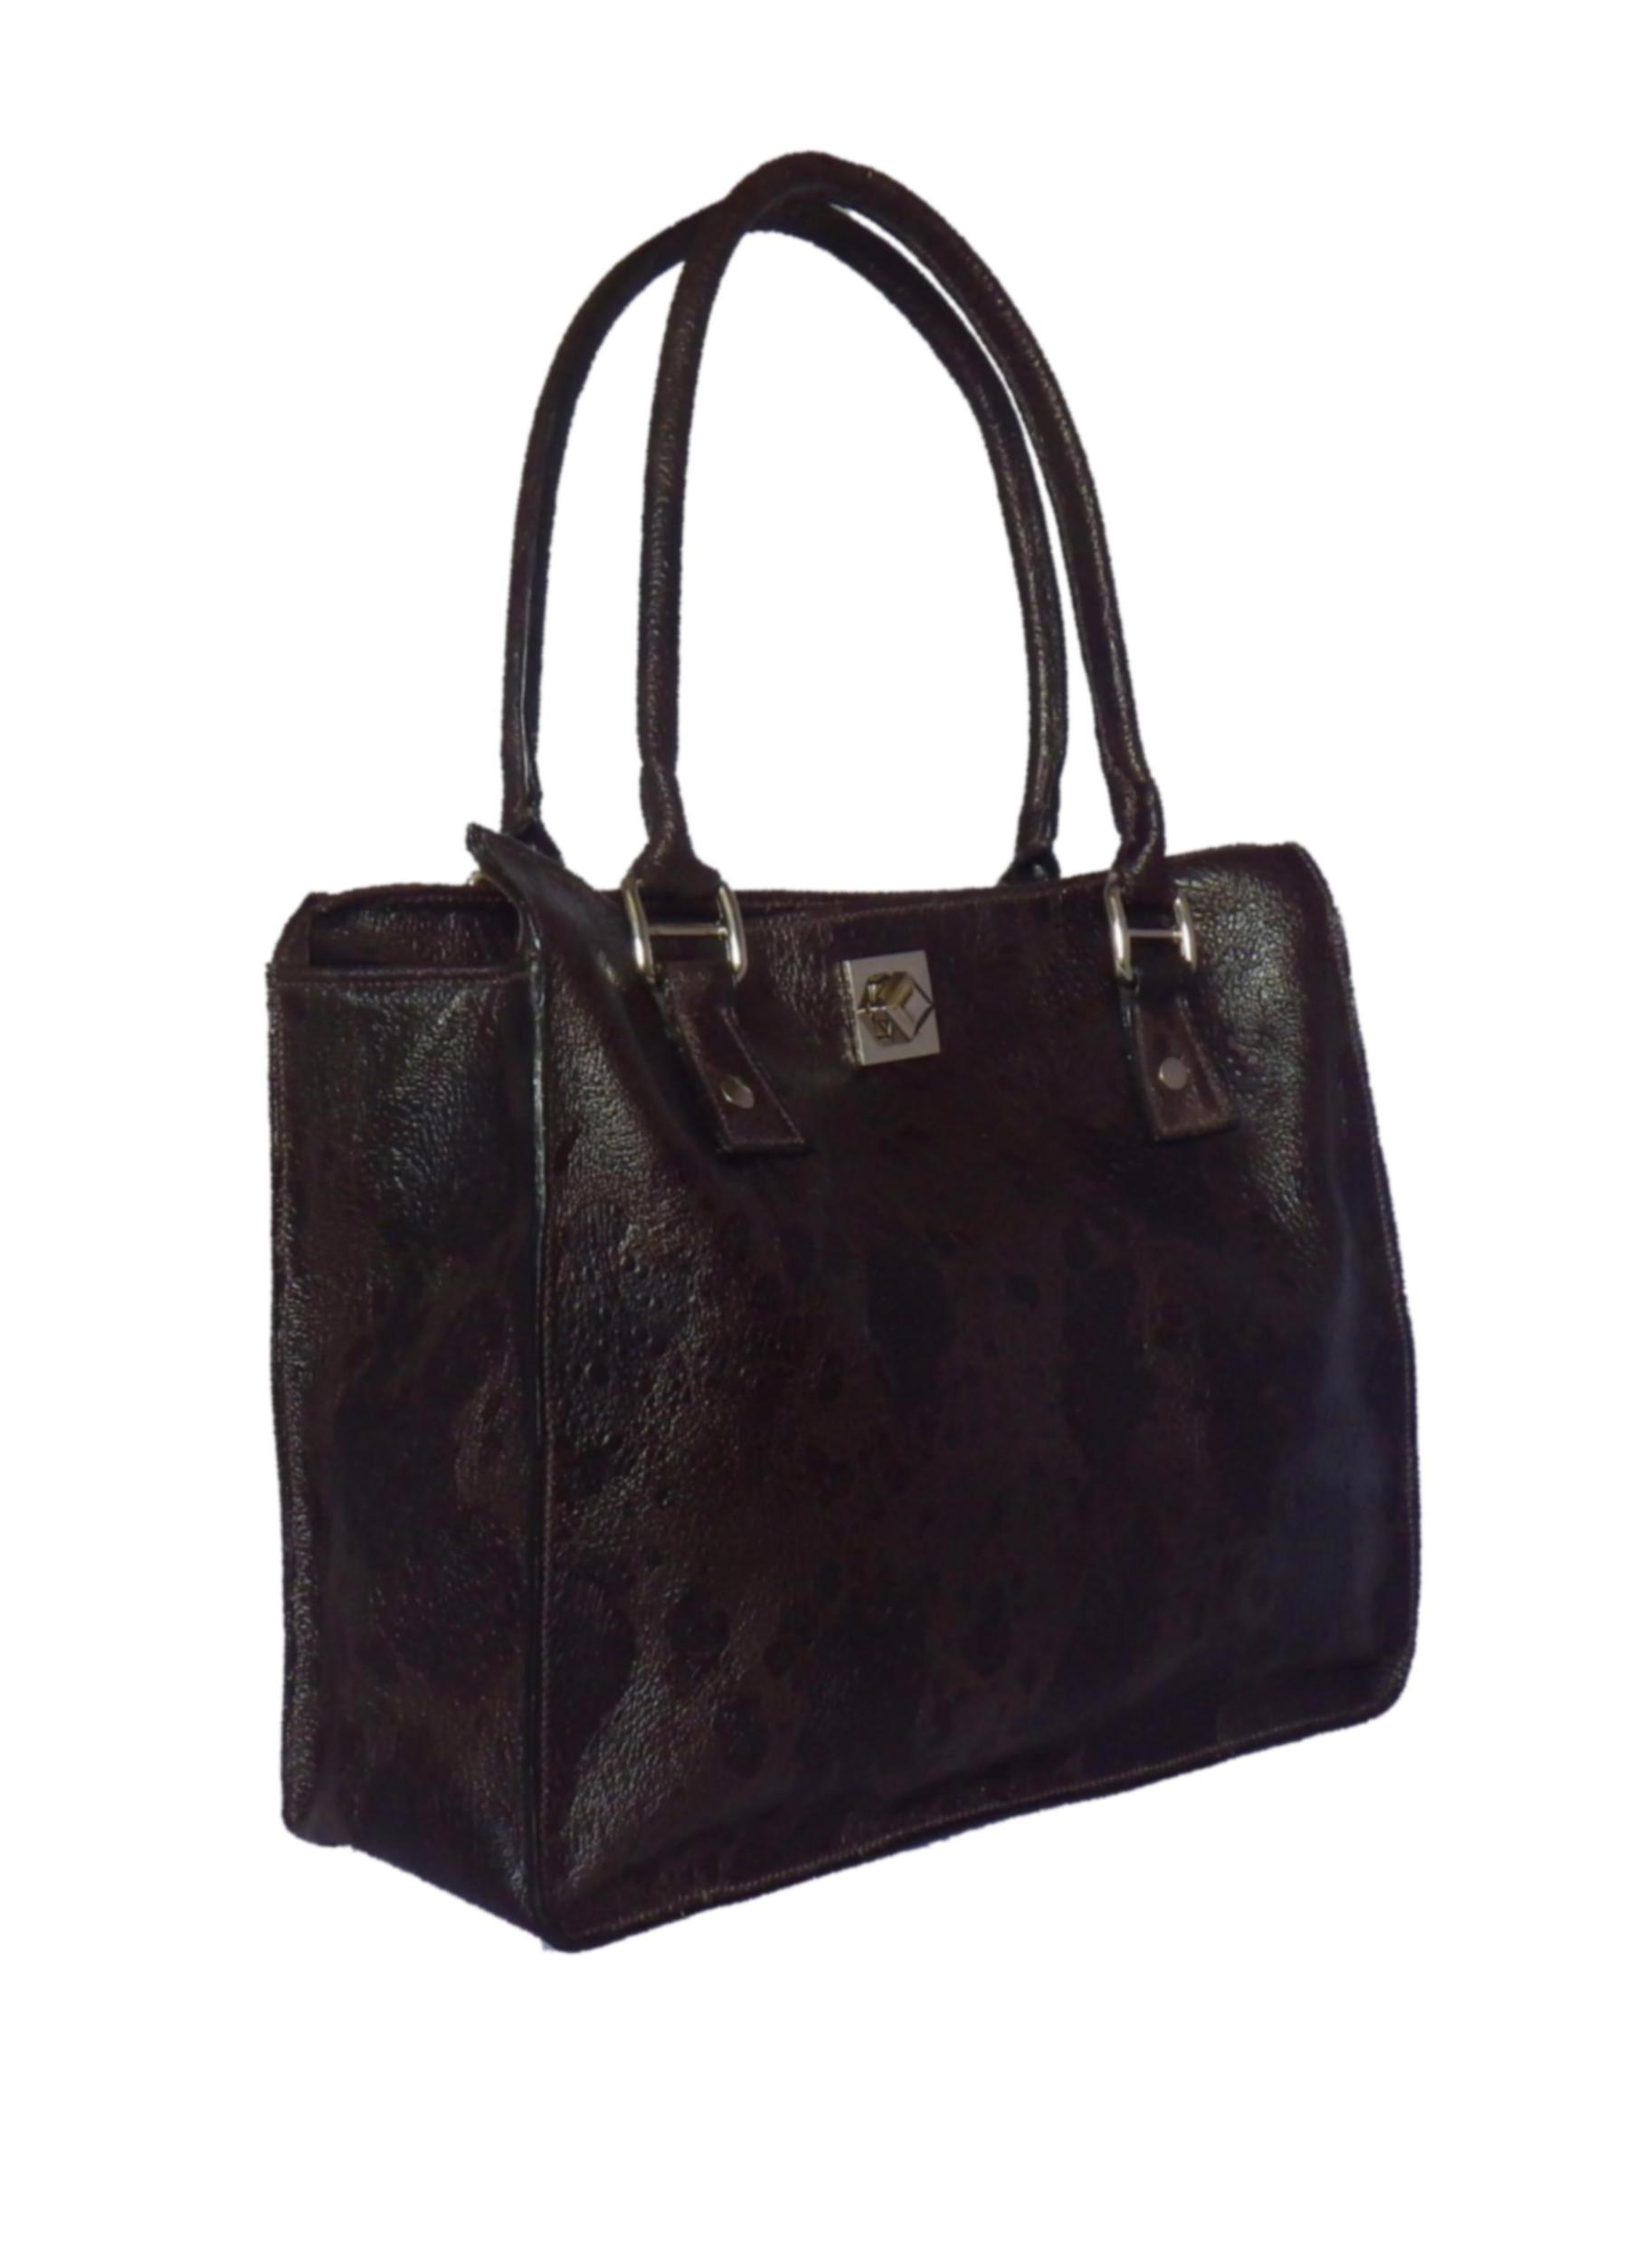 MELUNGTSE sac en cuir de chèvre façon crapaud marron glacé porté main ou épaule